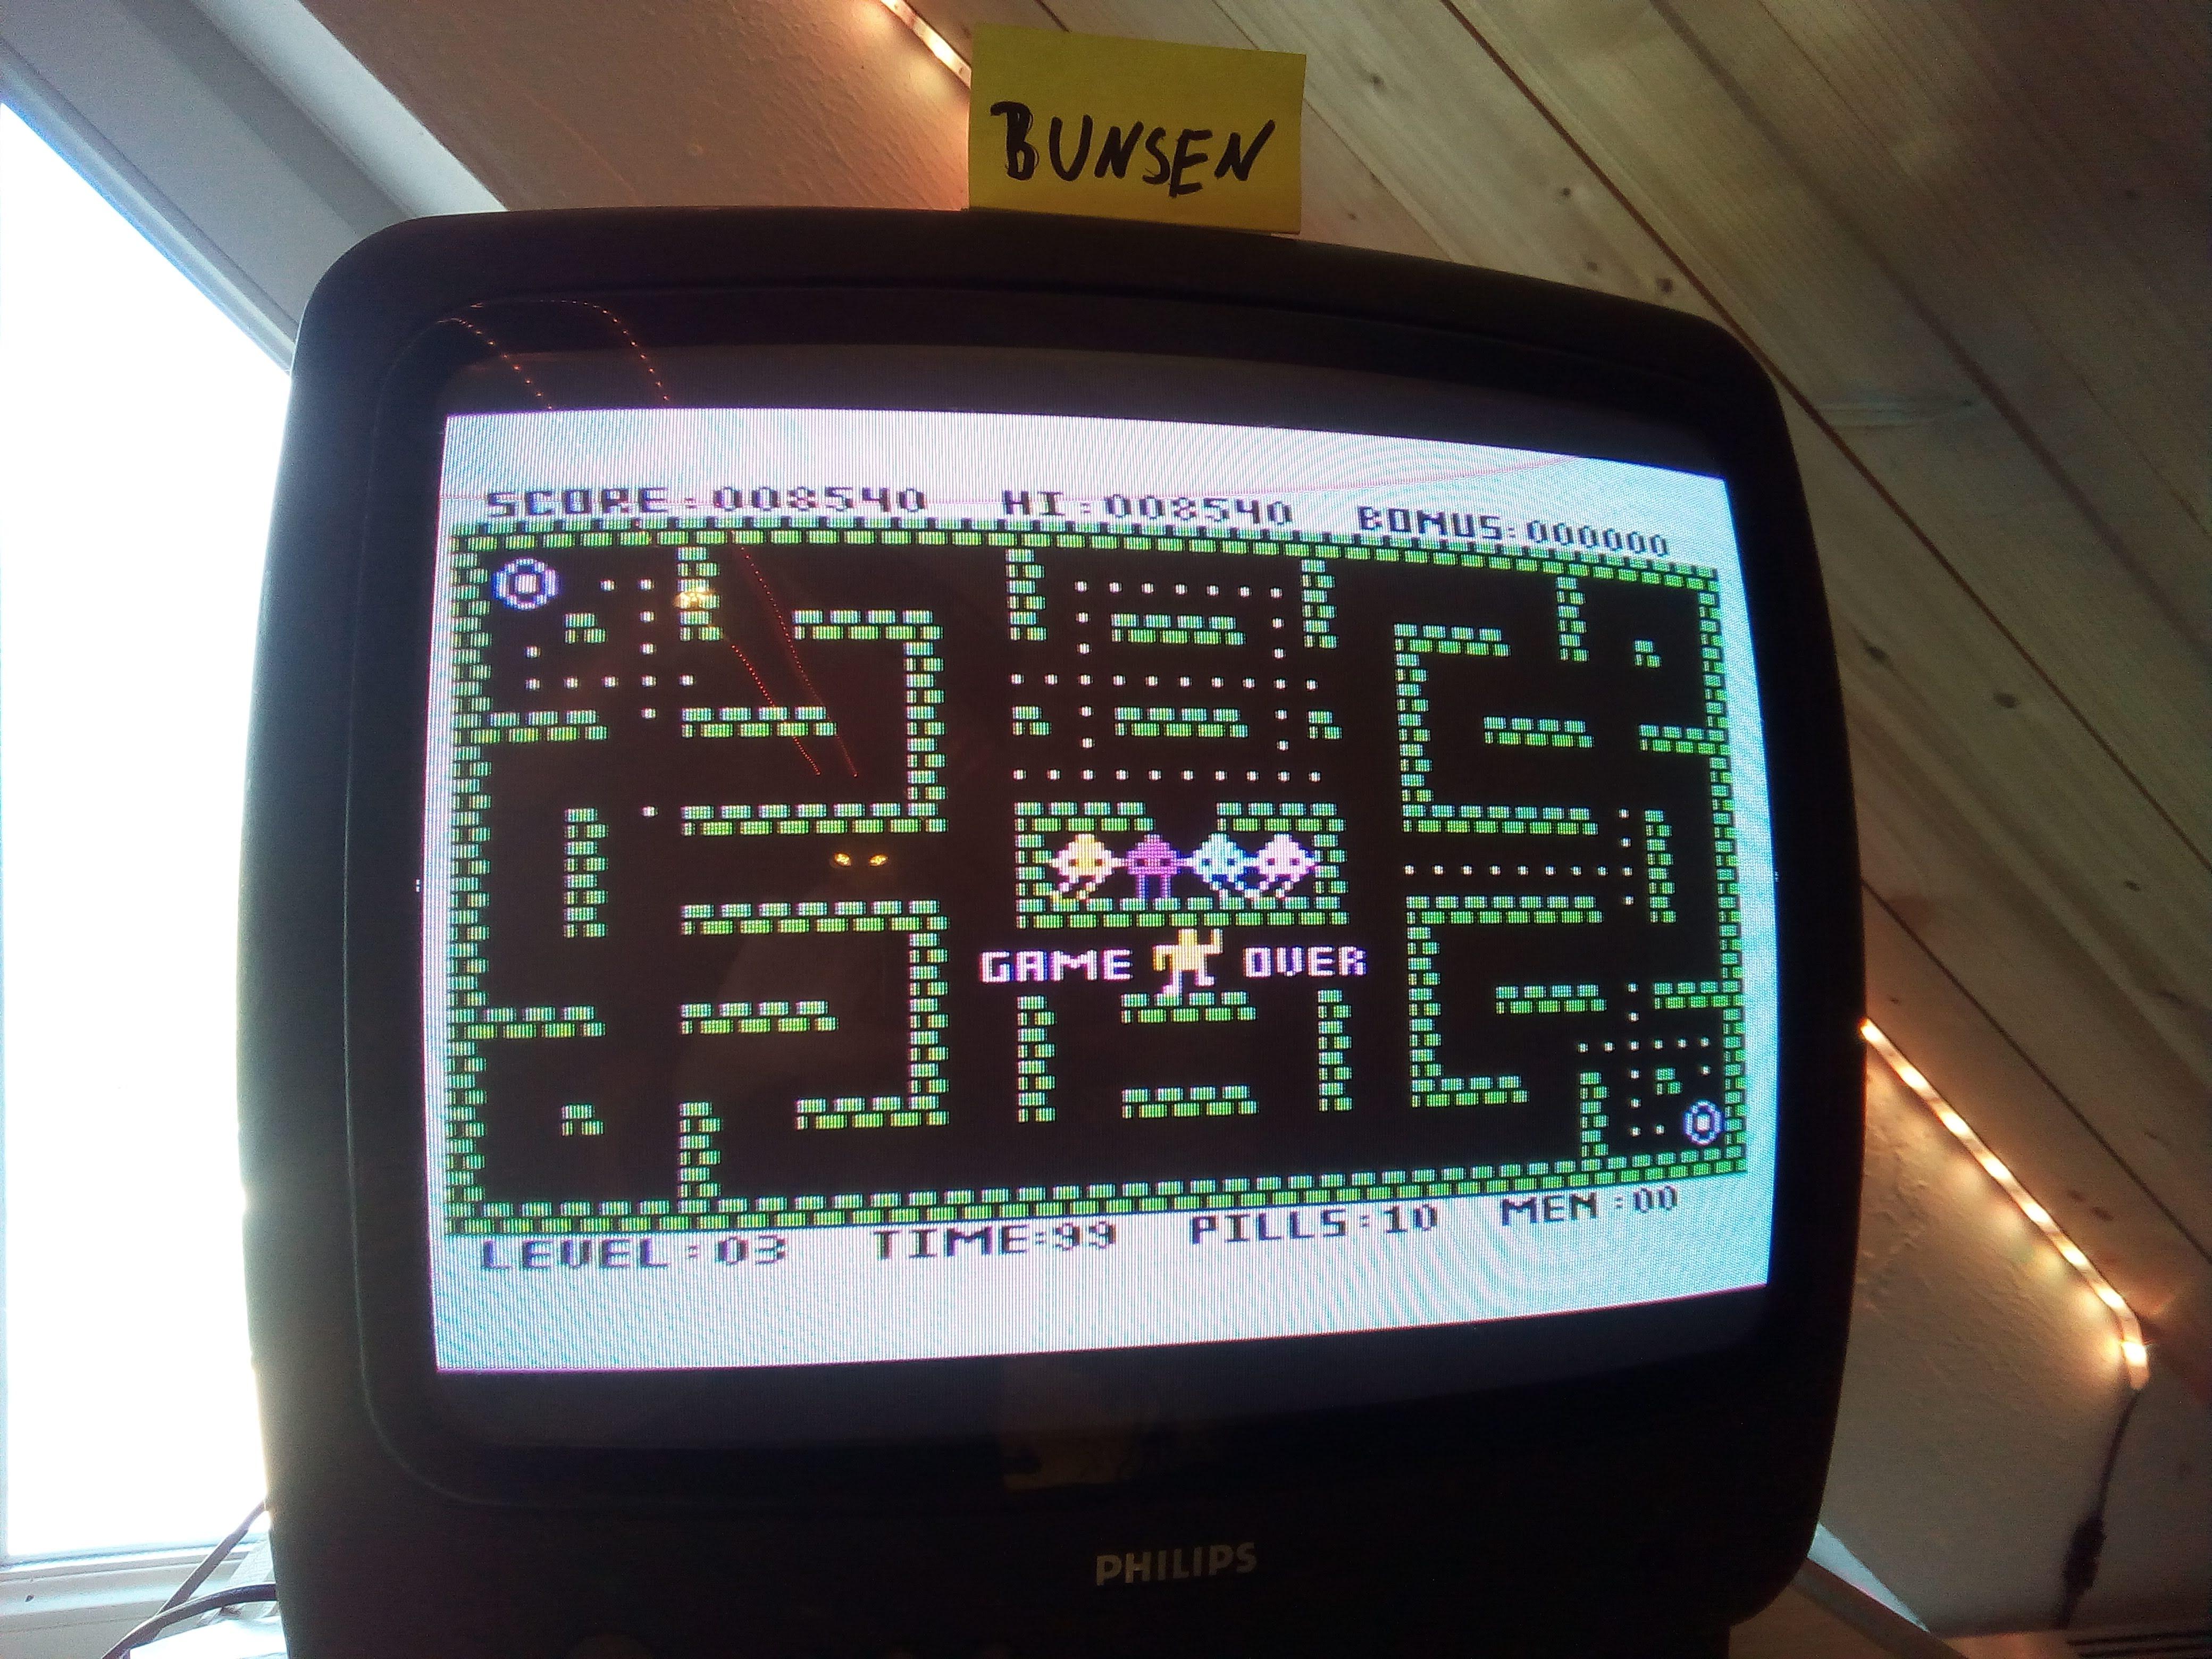 Bunsen: Maze Master (Atari 400/800/XL/XE) 8,540 points on 2020-04-25 16:10:37